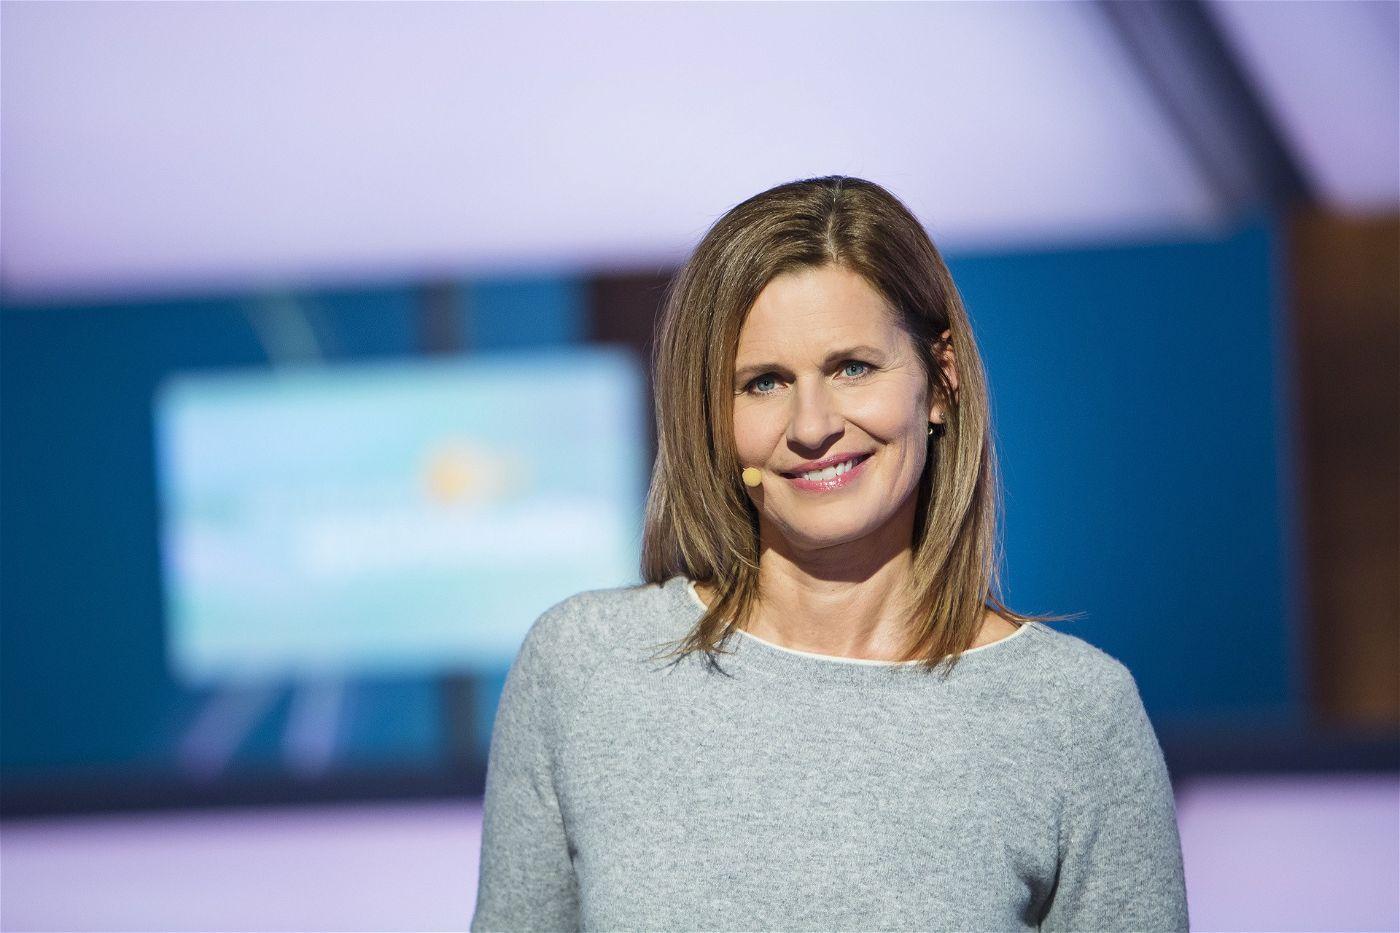 Beim ZDF übernimmt Katrin Müller-Hohenstein diese Aufgabe.